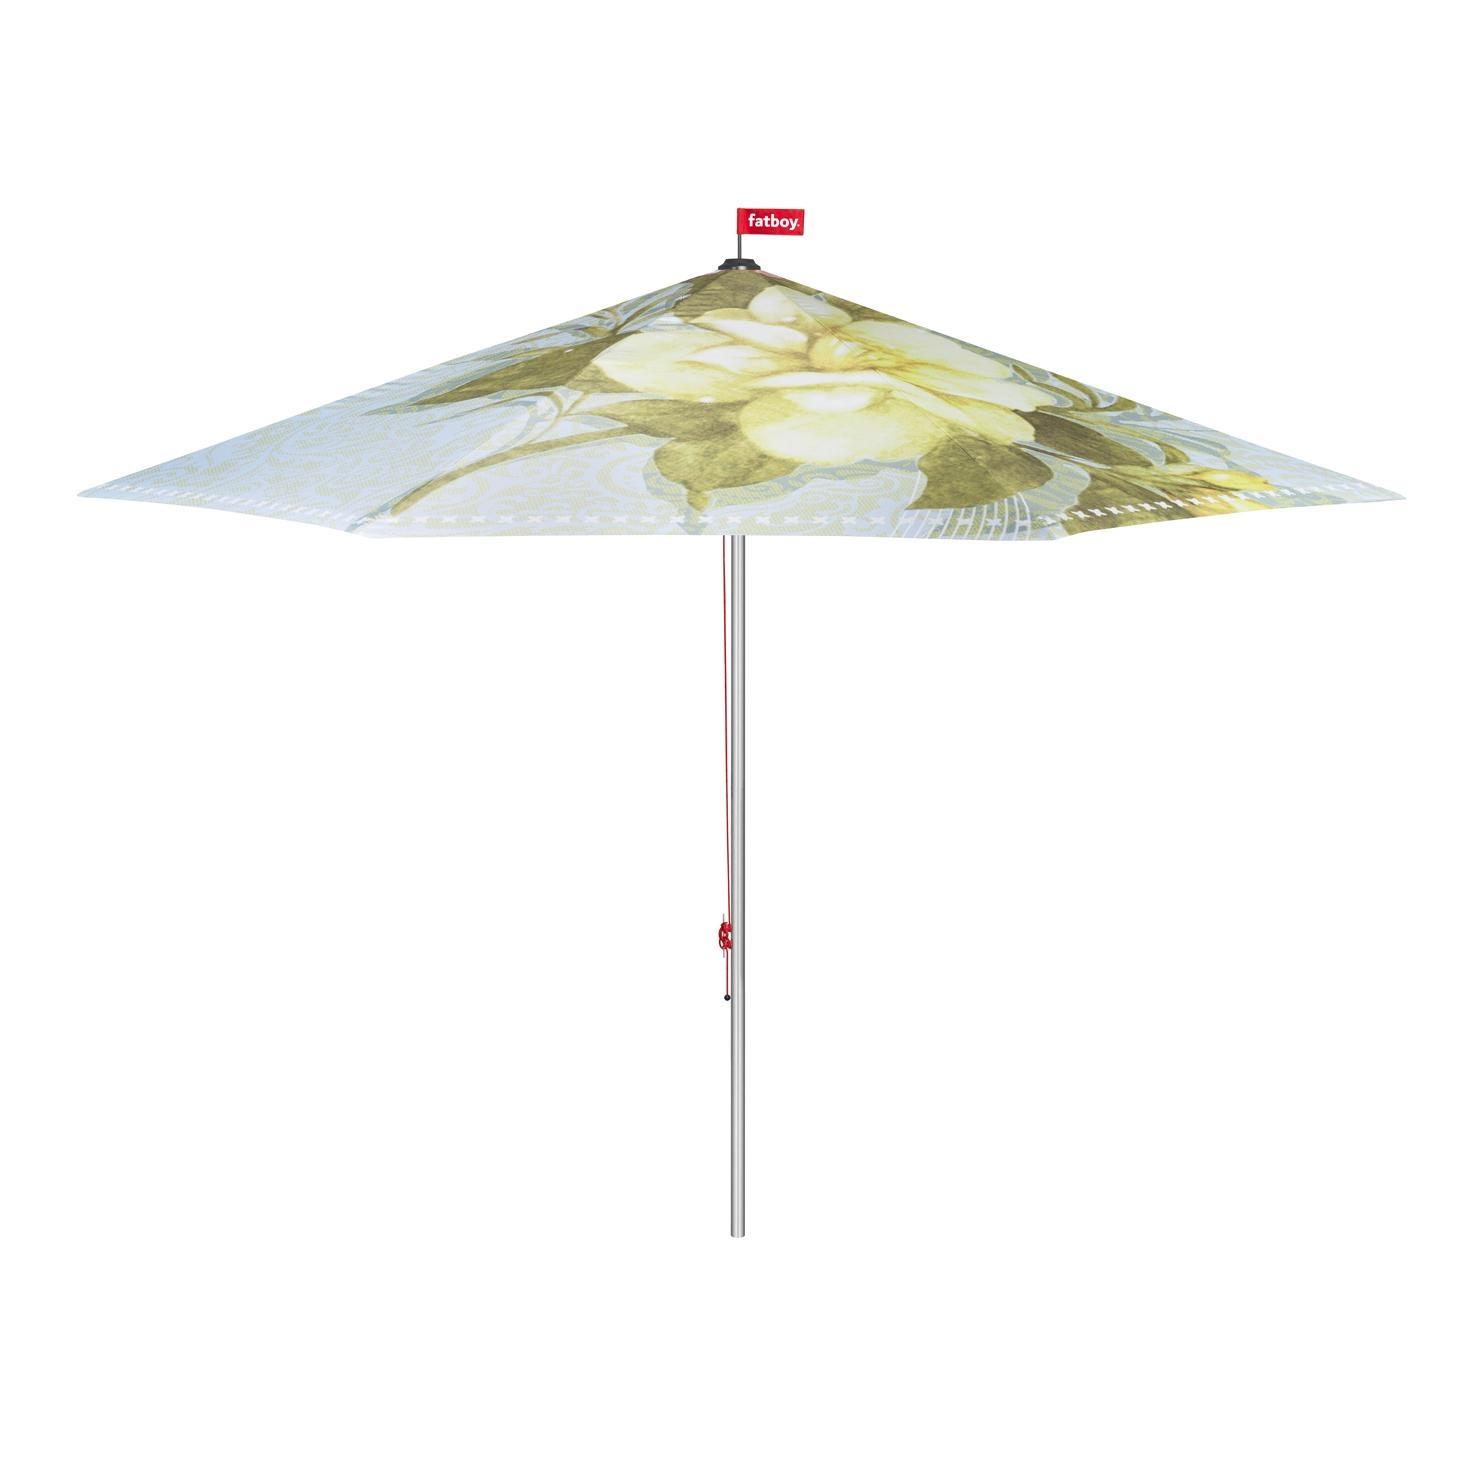 Fatboy Bouqetteketet Sonnenschirm - hellblau/gemustert/Ø350cm / H 265cm/Lieferung ohne Schirmständer | Garten > Sonnenschirme und Markisen | Fatboy